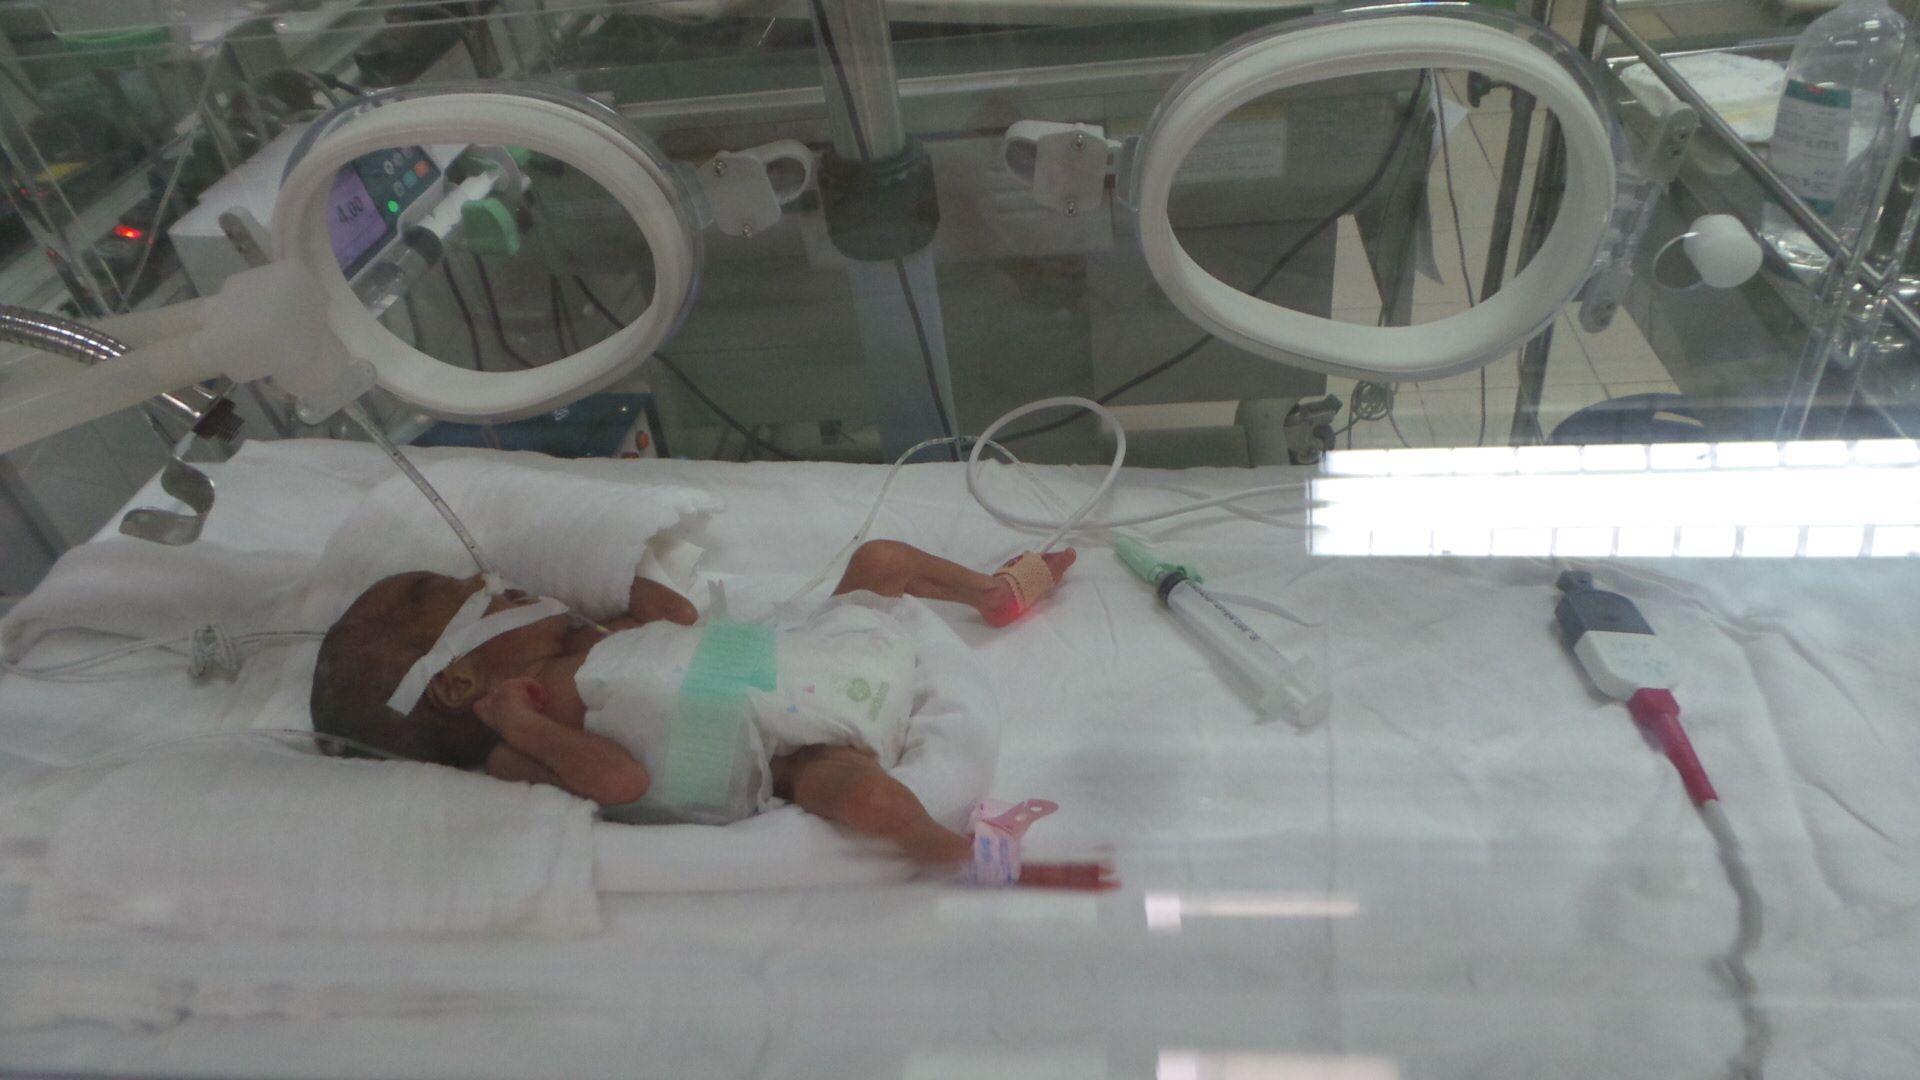 Trẻ sinh ở bệnh viện rất đông: Mẹ có dễ bị trao nhầm con? - Ảnh 2